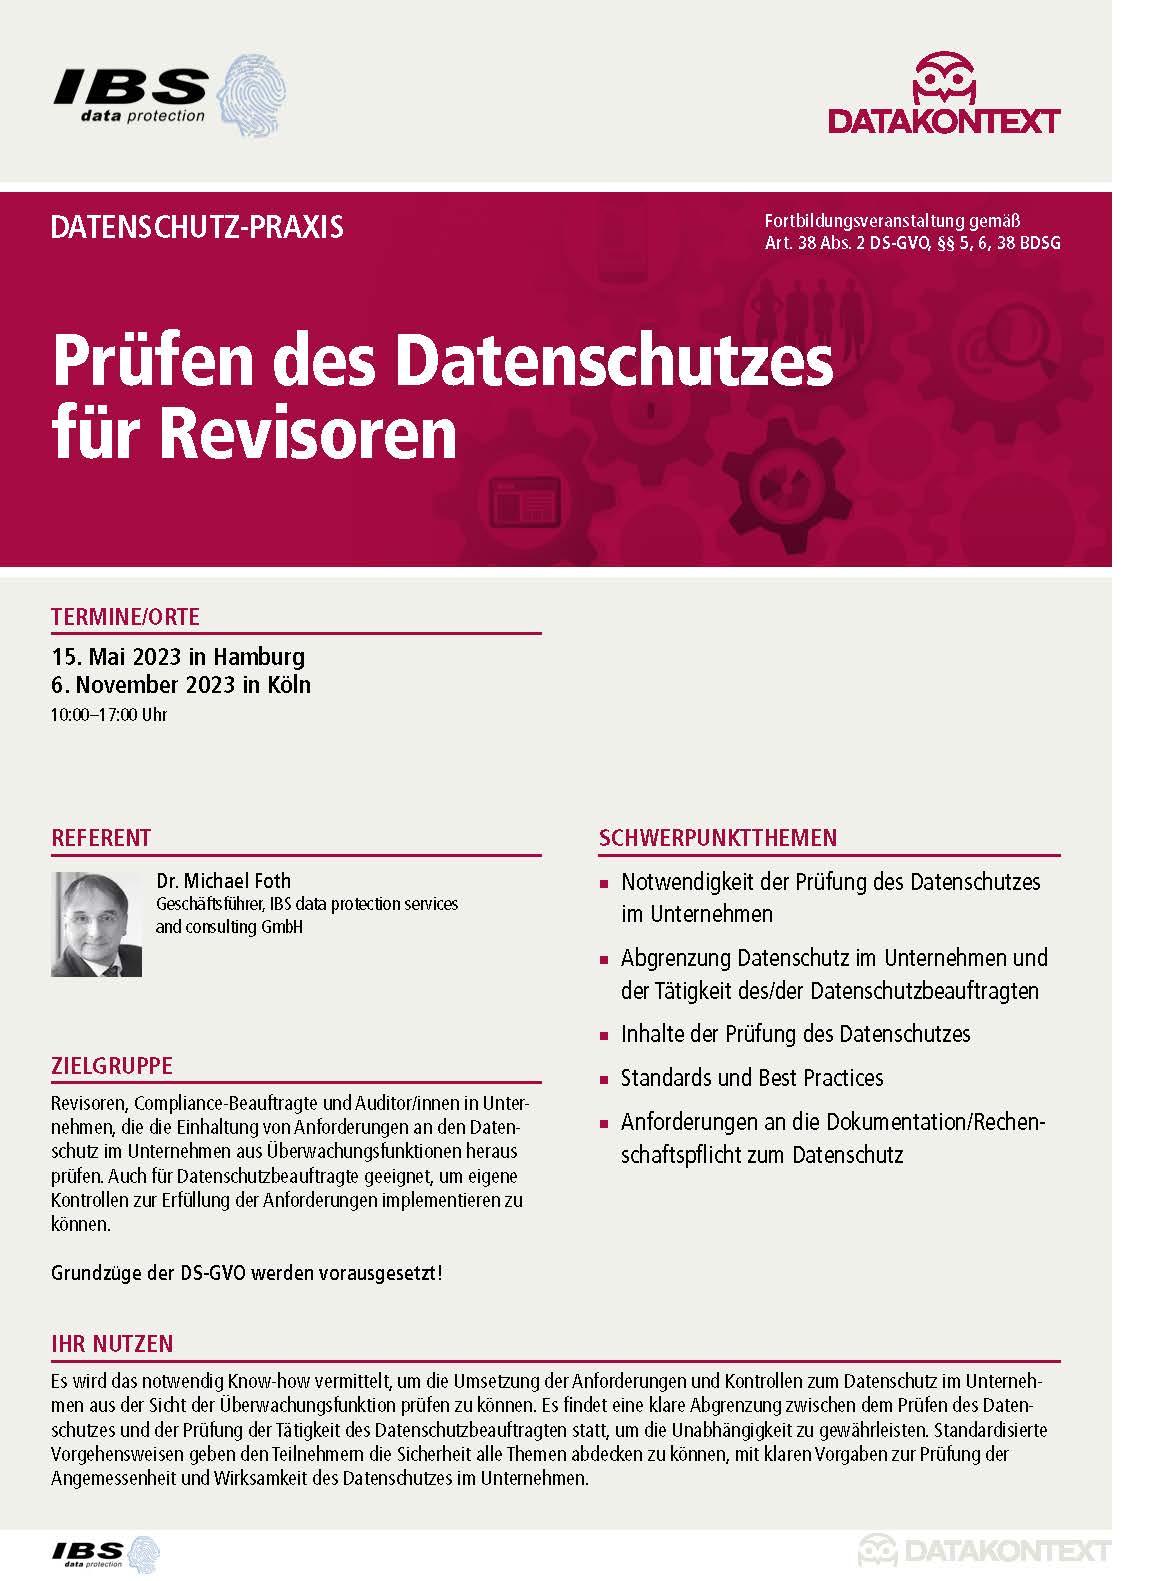 Prüfen des Datenschutzes für Revisoren